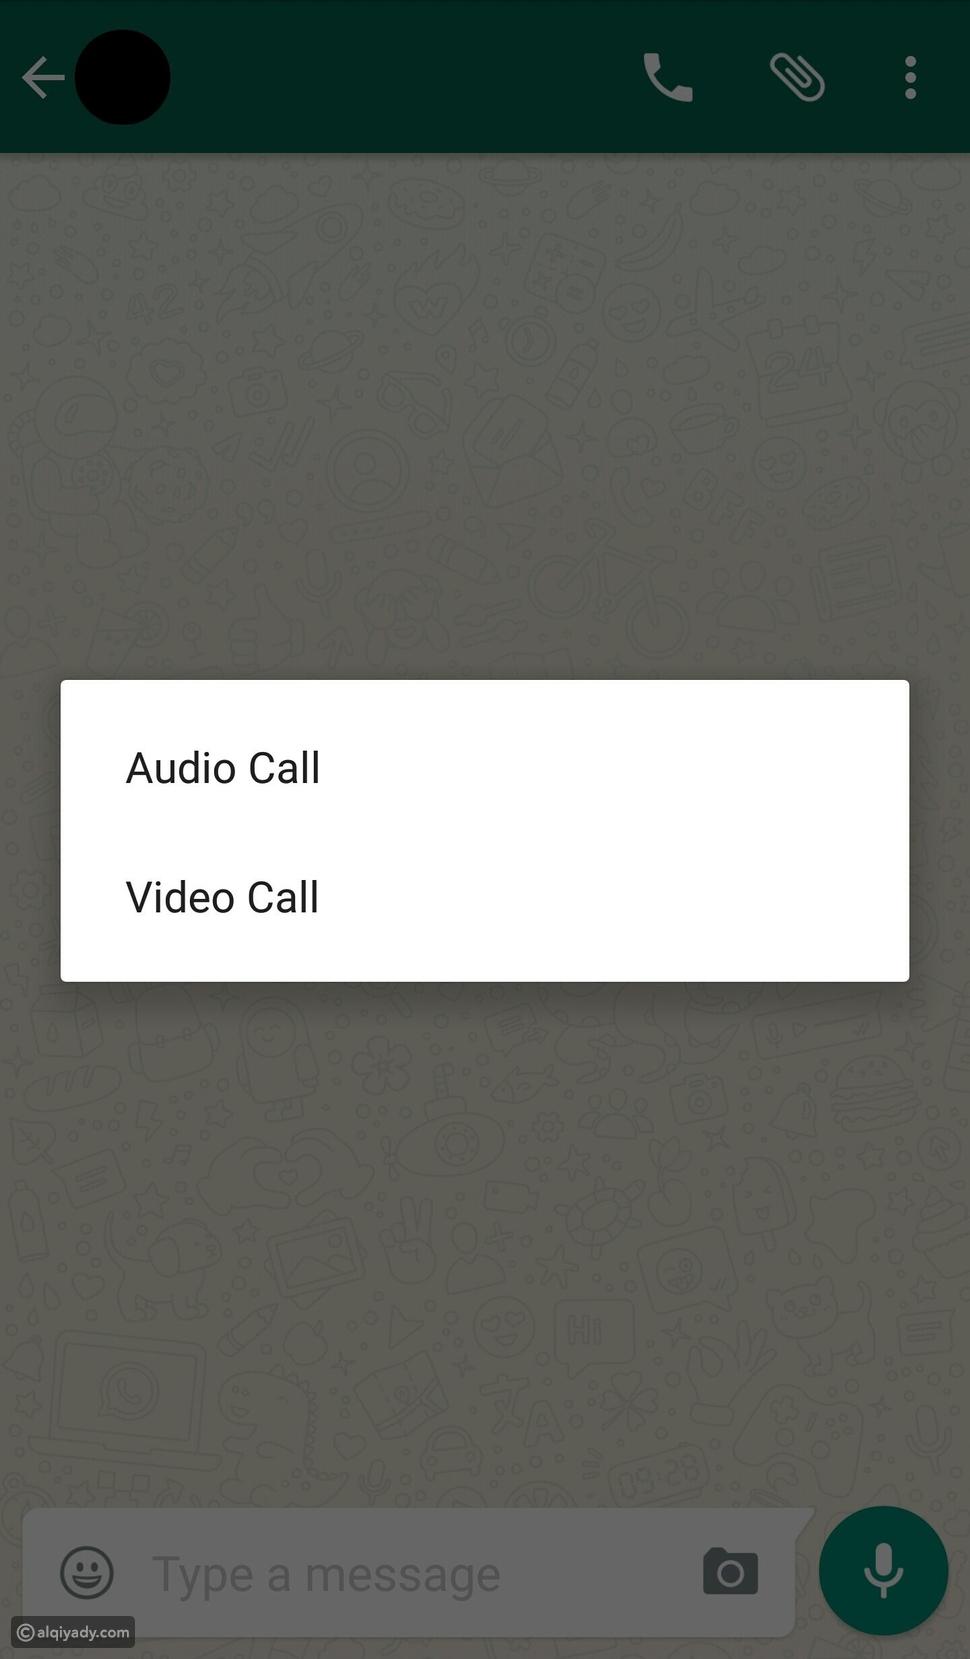 واتساب تدعم مكالمات الفيديو في نسختها التجريبية على نظام تشغيل أندرويد